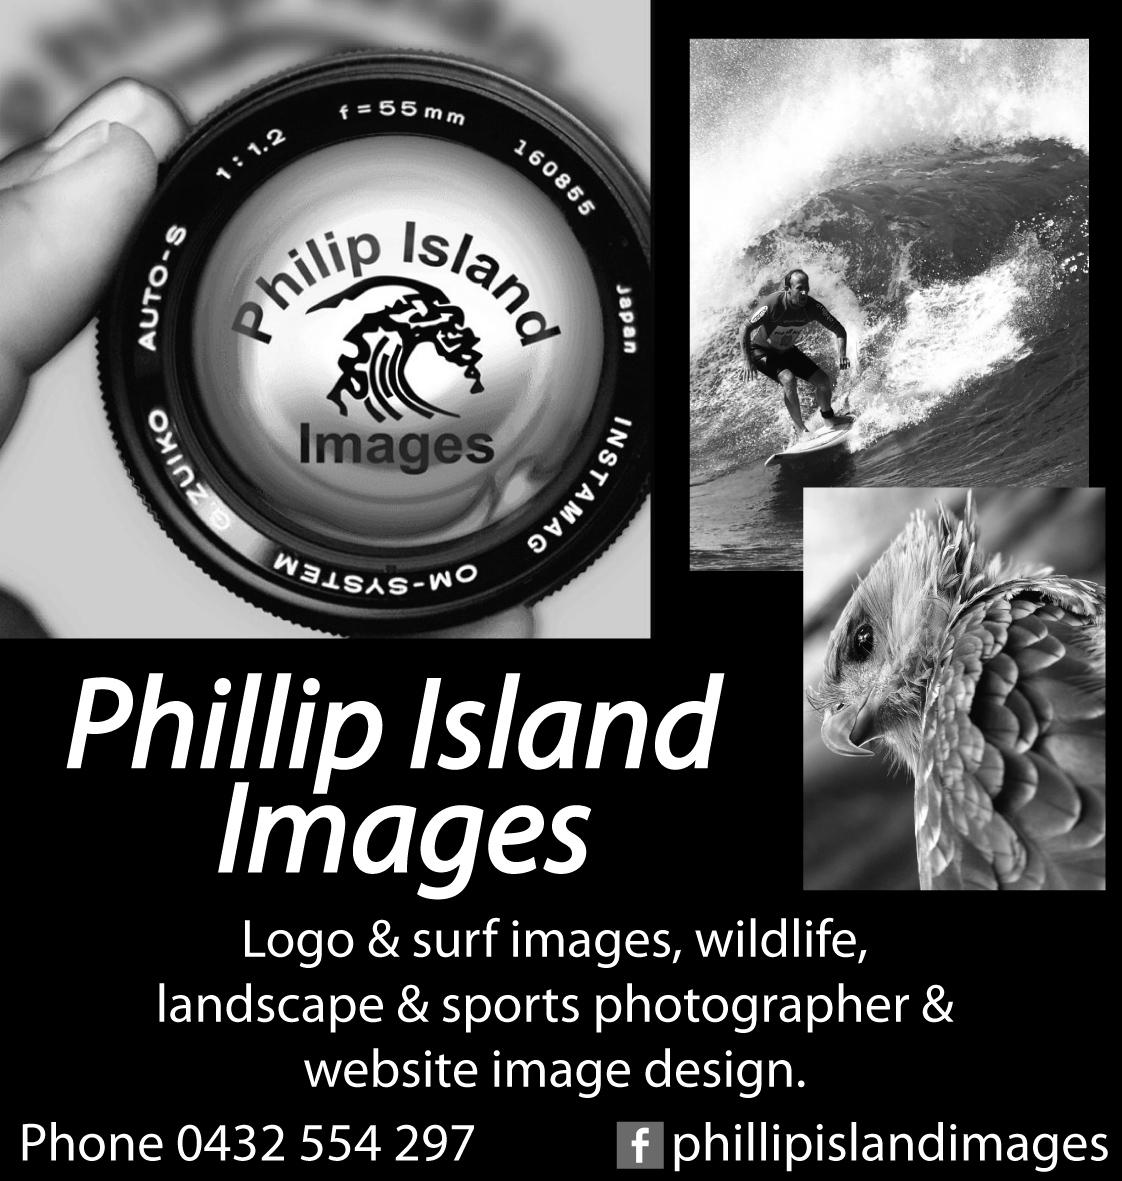 Phillip Island Images